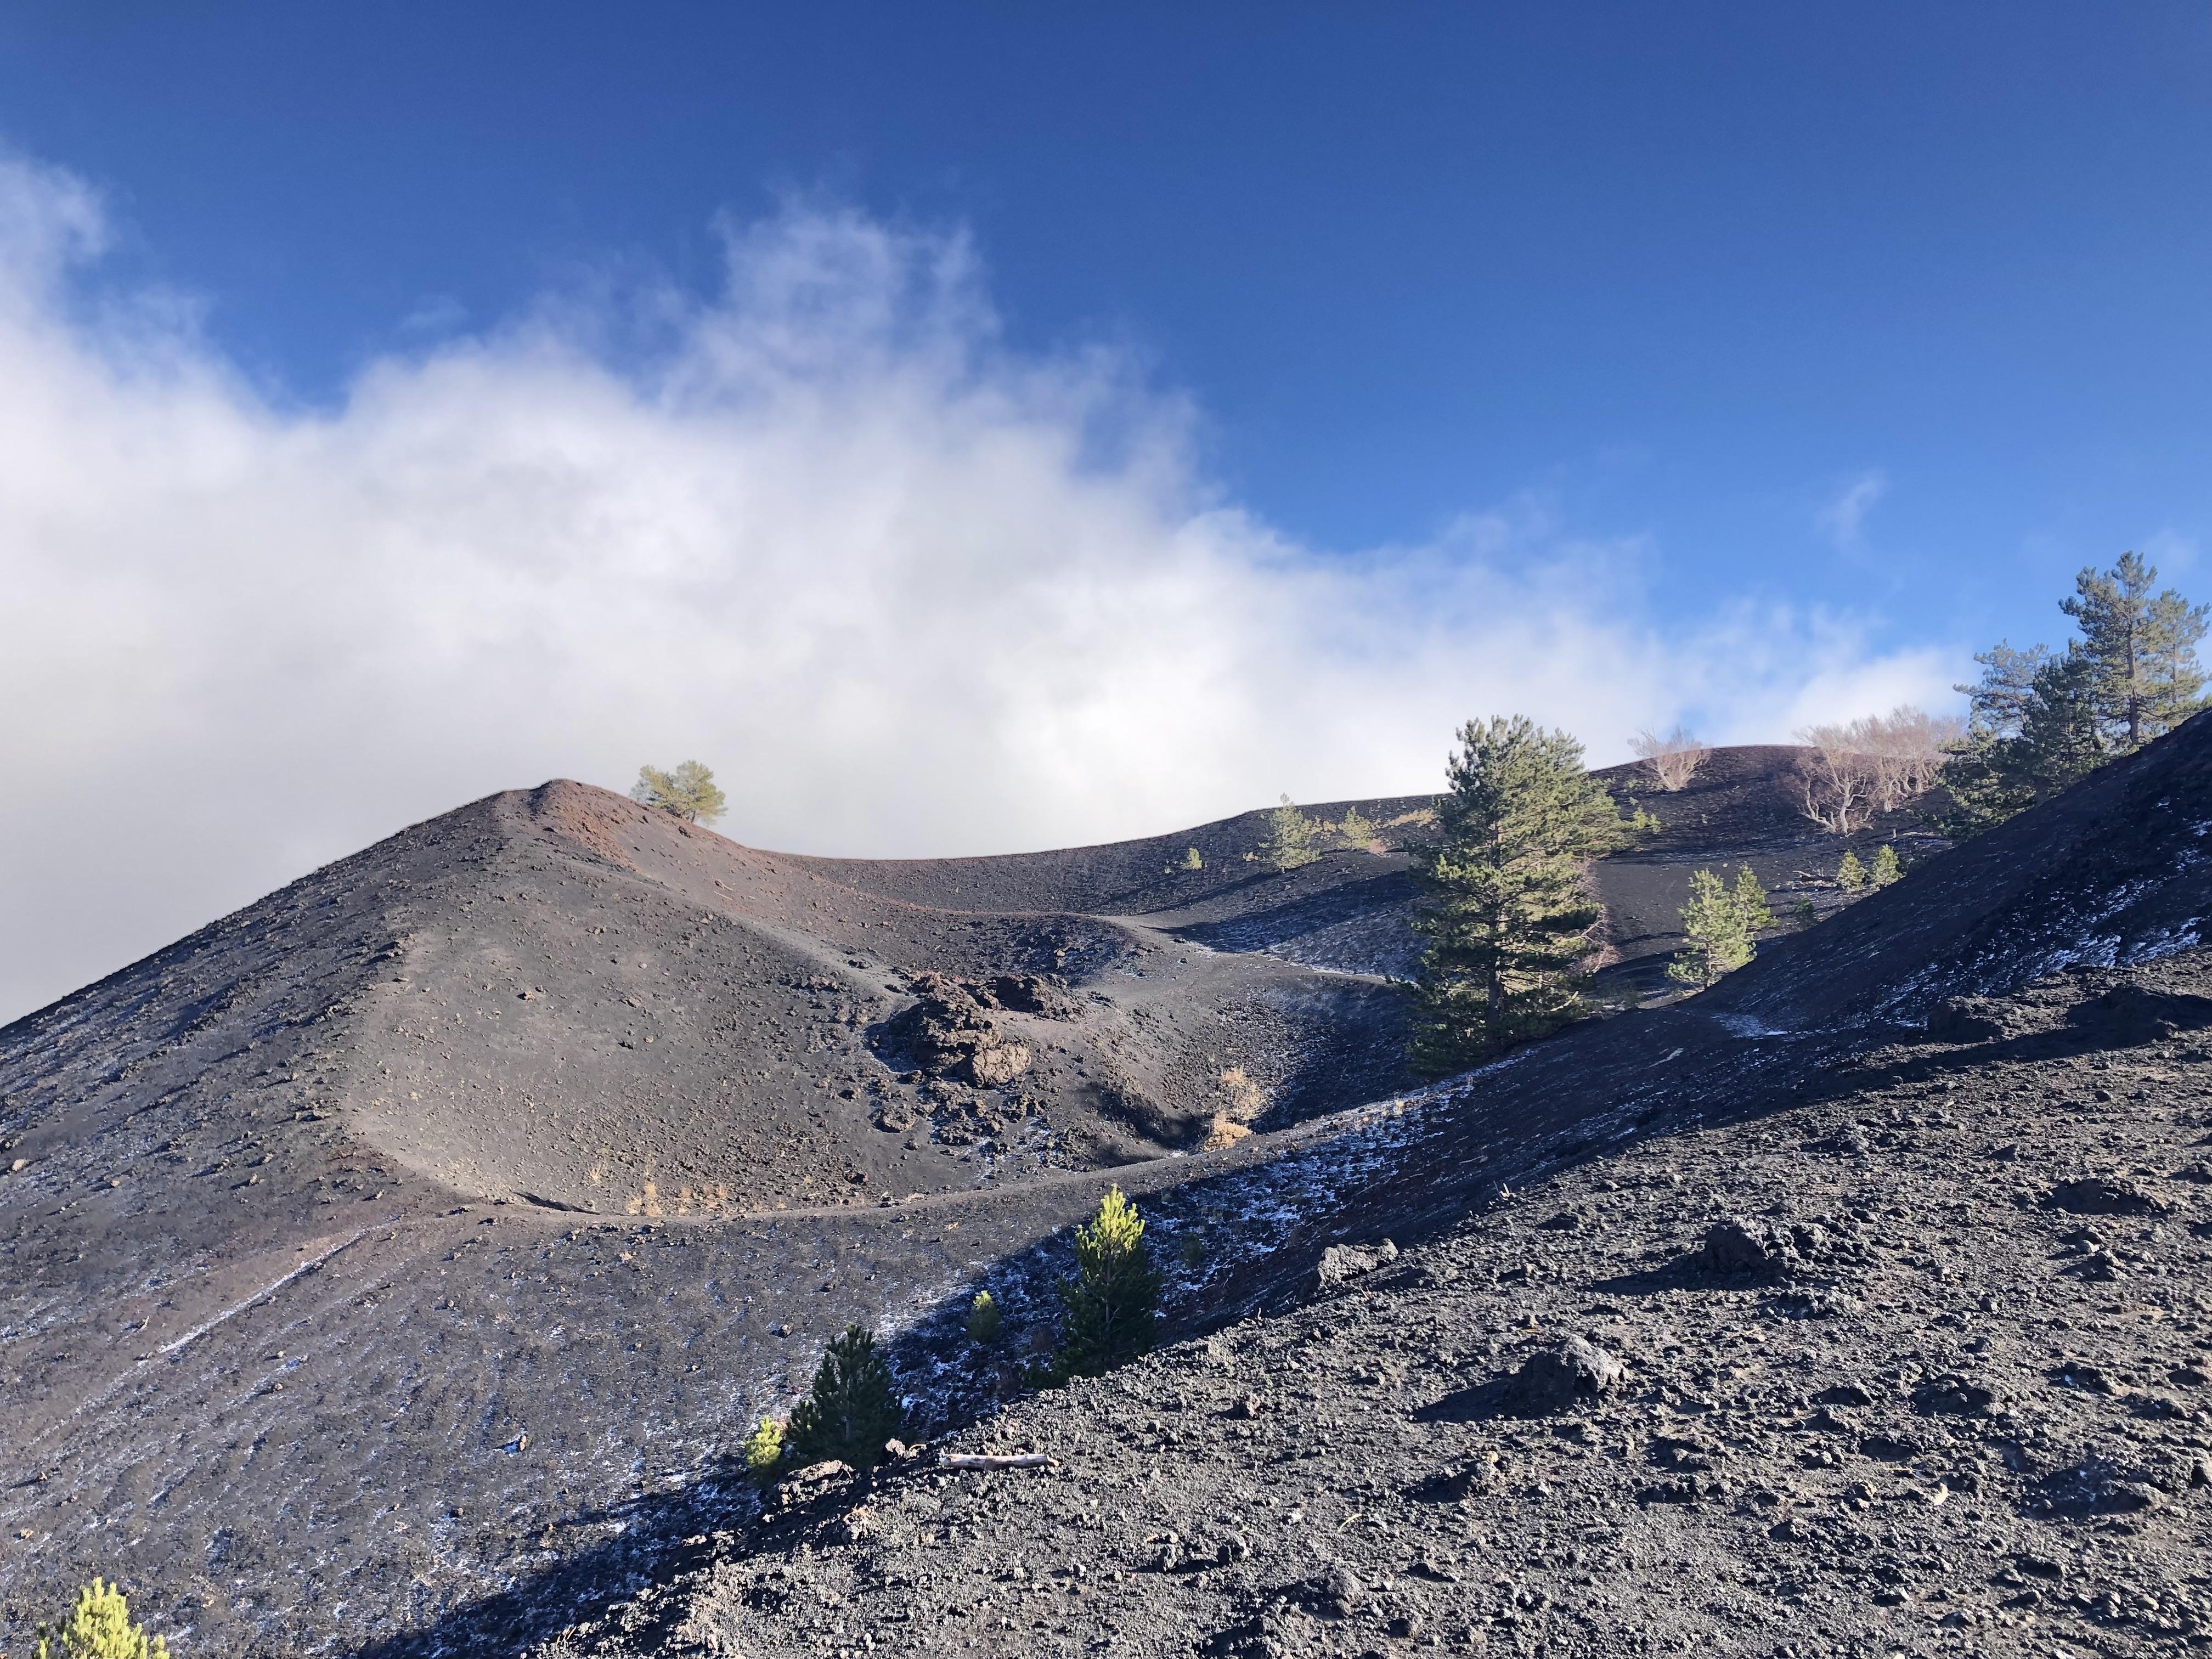 etna 2000 mt sartorius